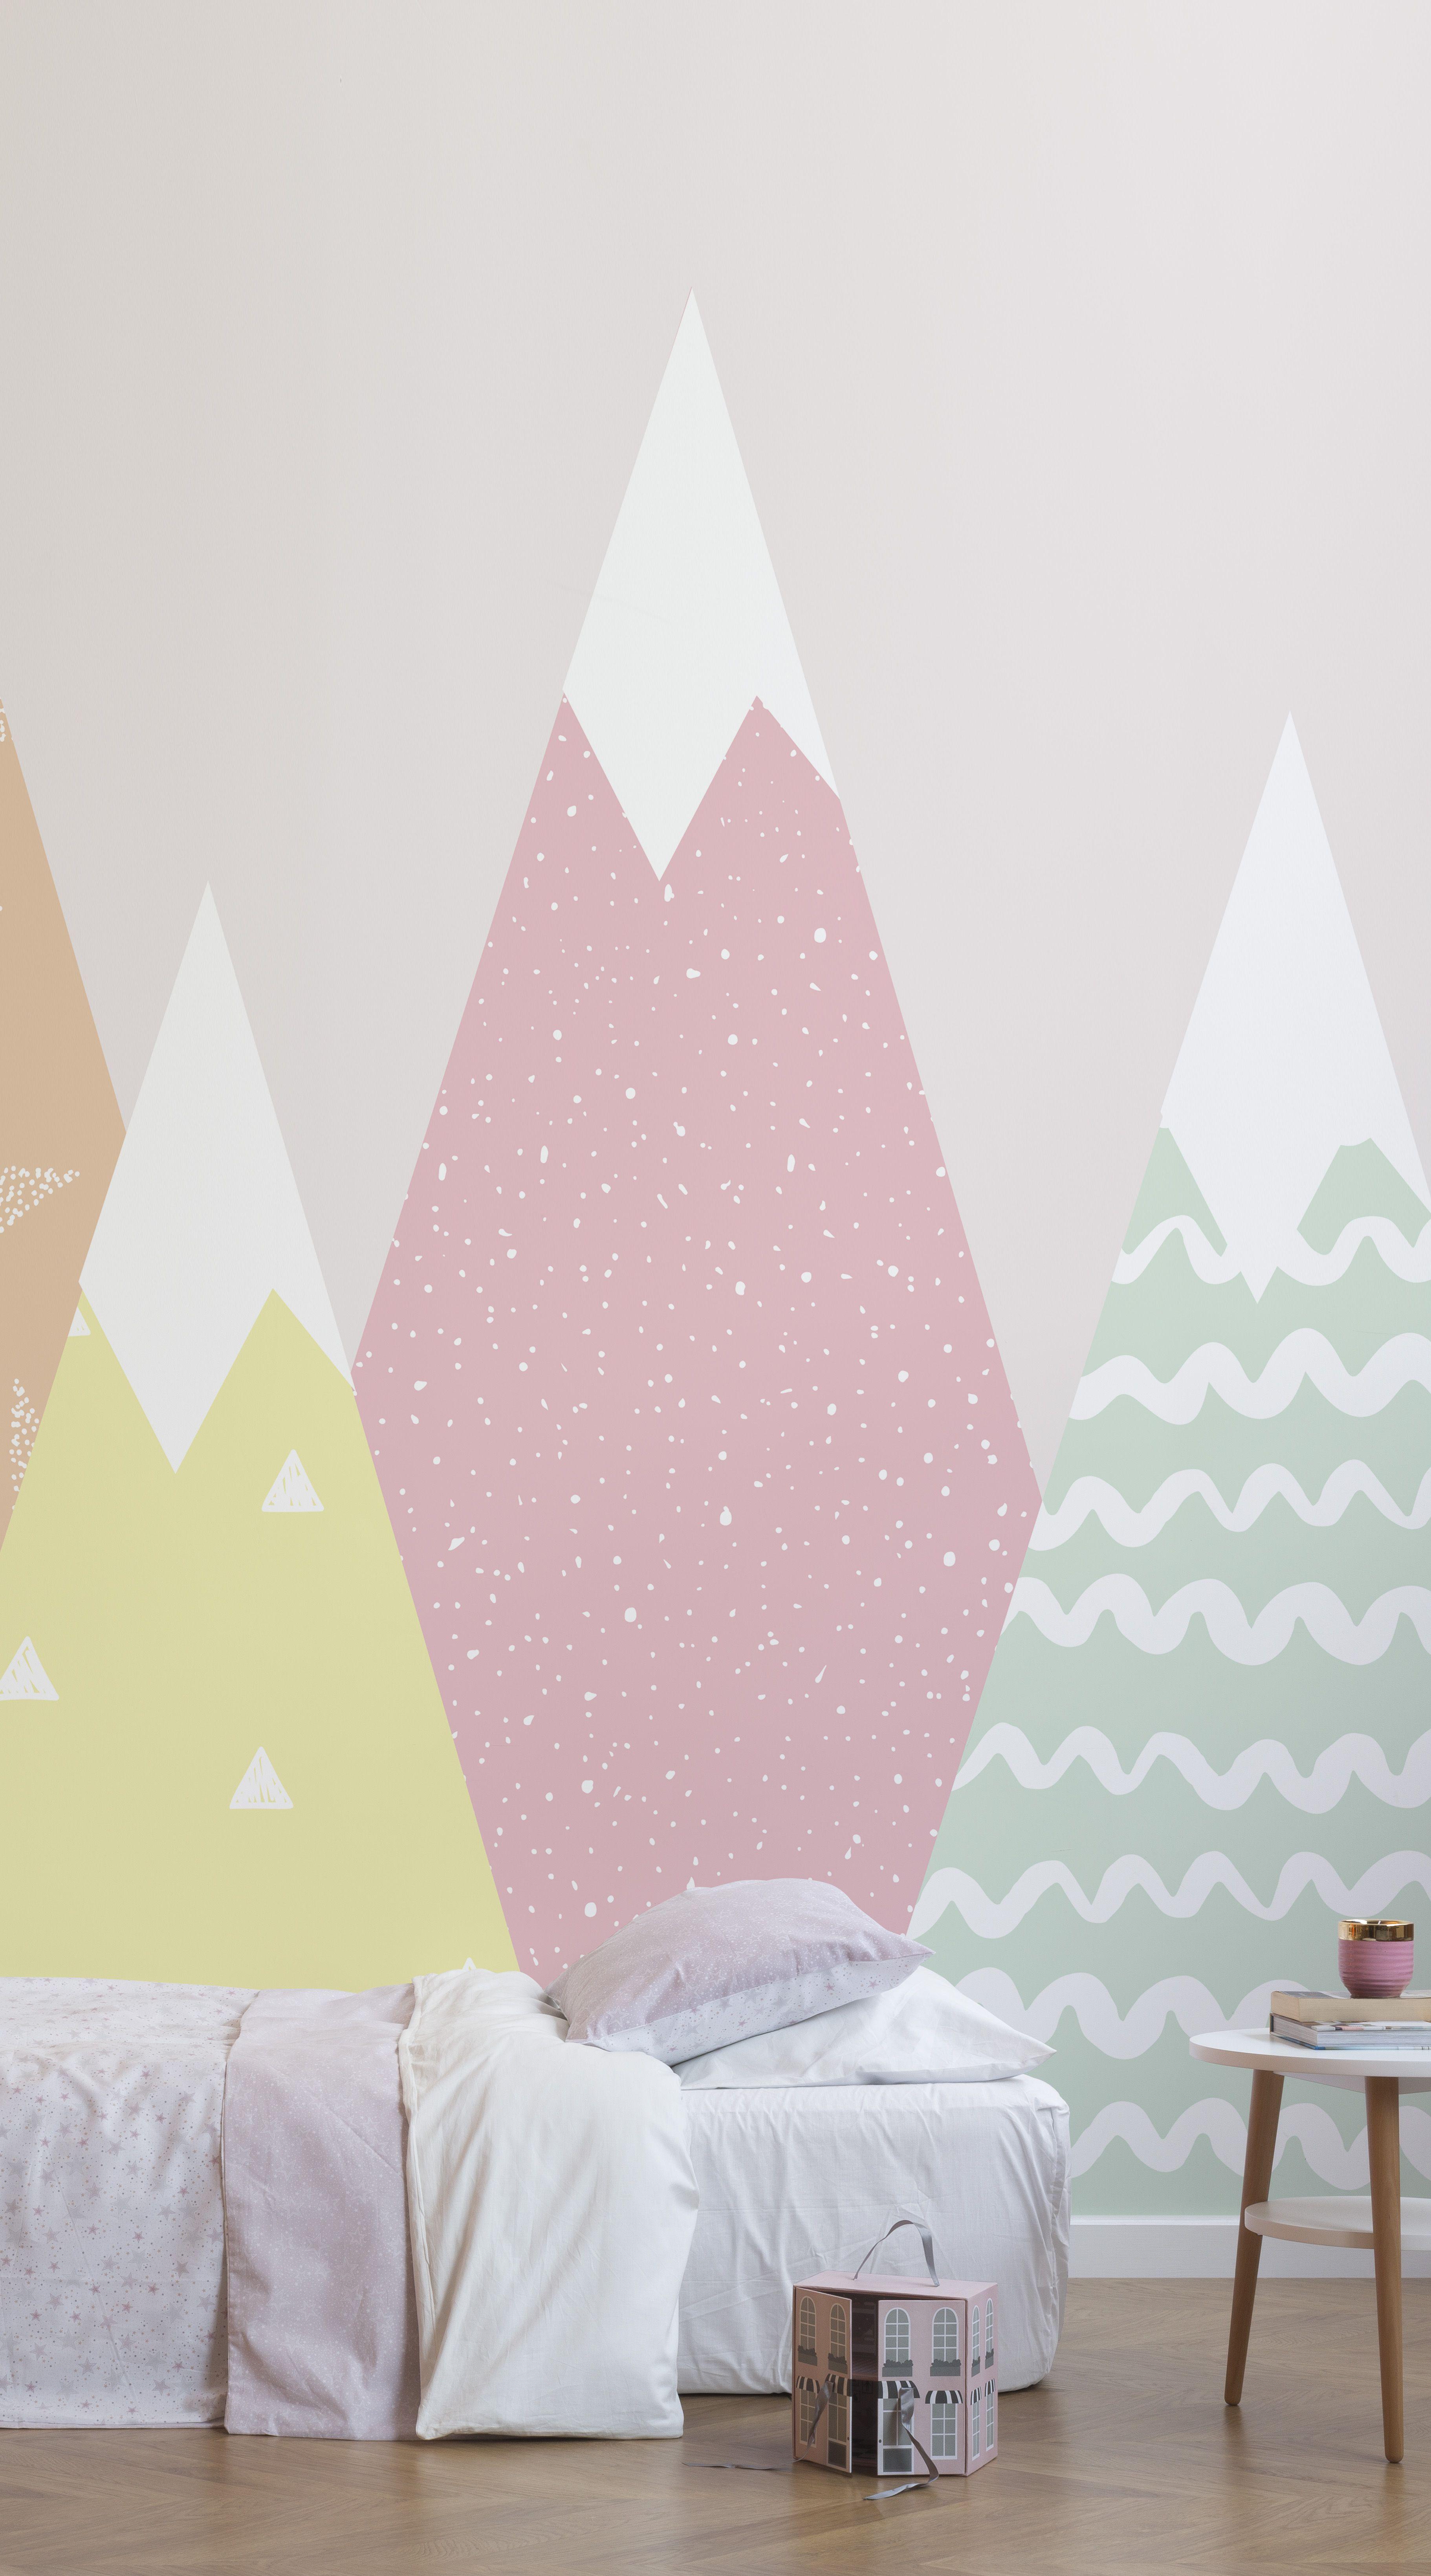 Must see Wallpaper Mountain Mural - c6184a3dc90999d69cc3b4dd7a82f281  2018_416452.jpg